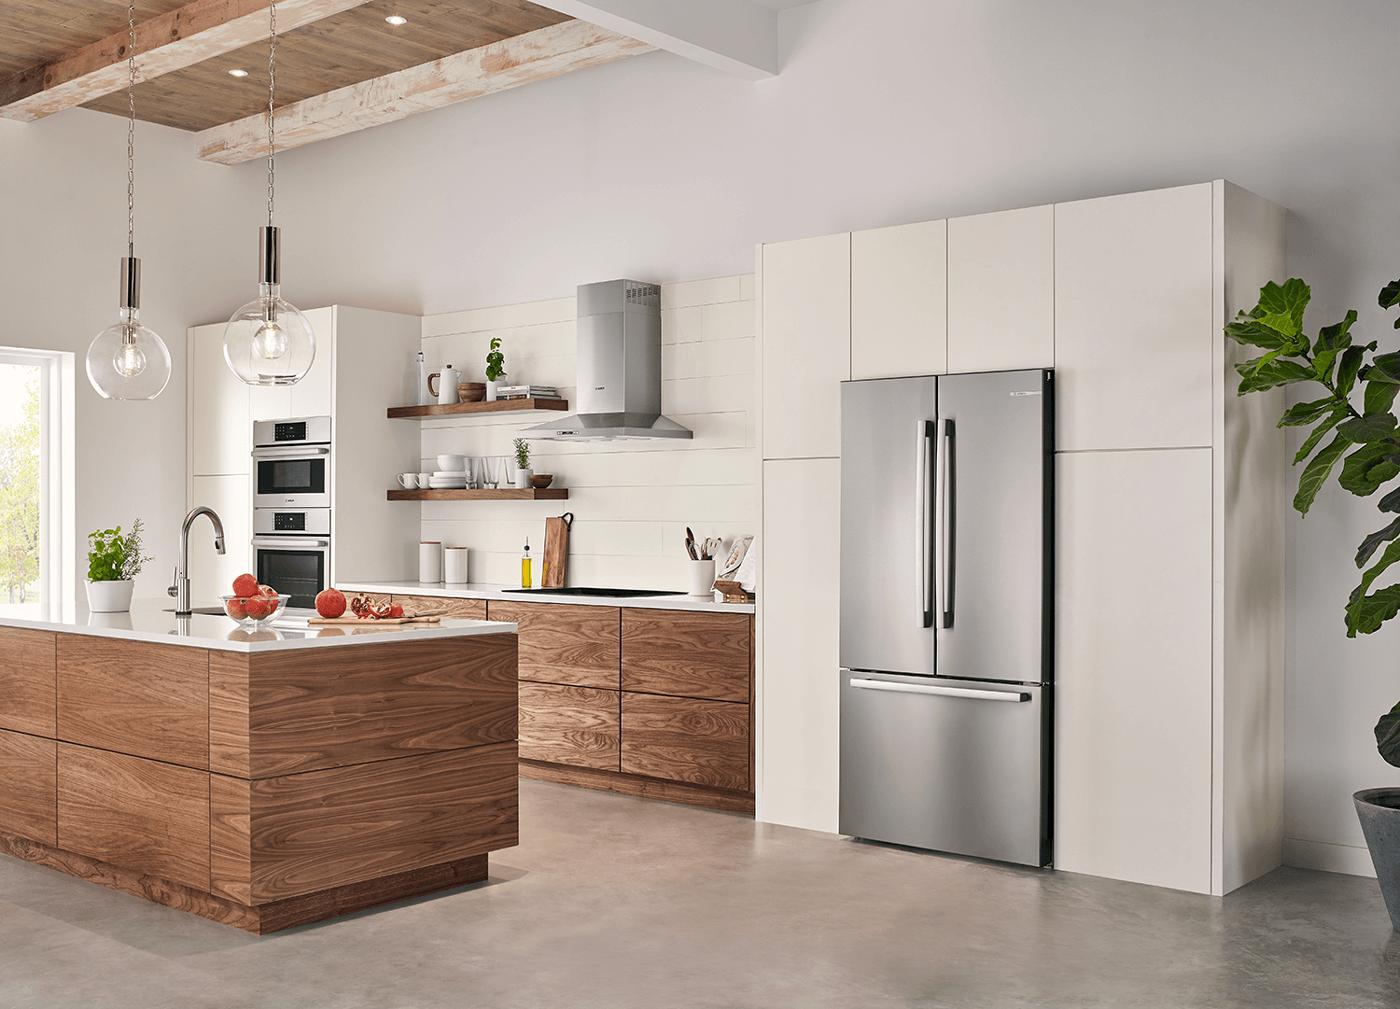 """Bếp đẹp chuẩn, gọn gàng đến từng """"cen-ti-mét"""" với KHU TRỮ THỰC PHẨM post image"""